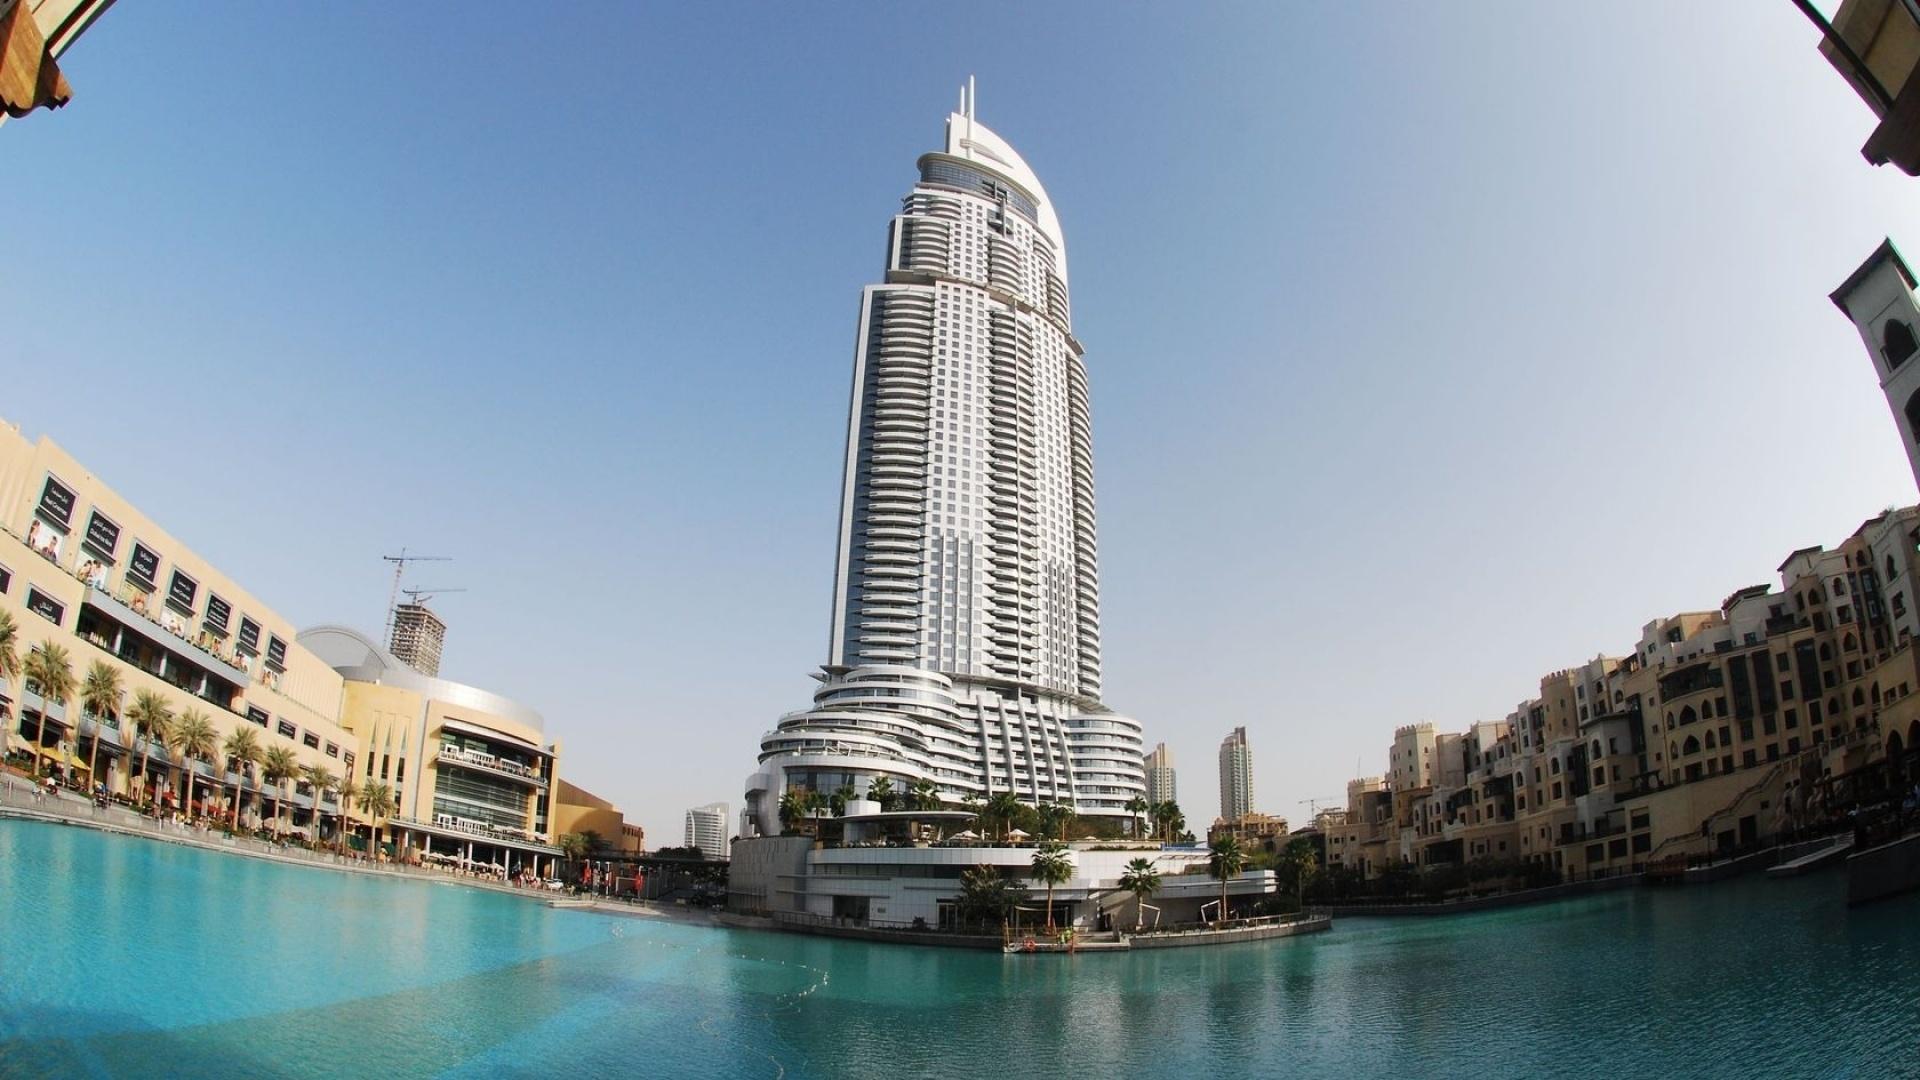 Dubai 1080p Wallpaper